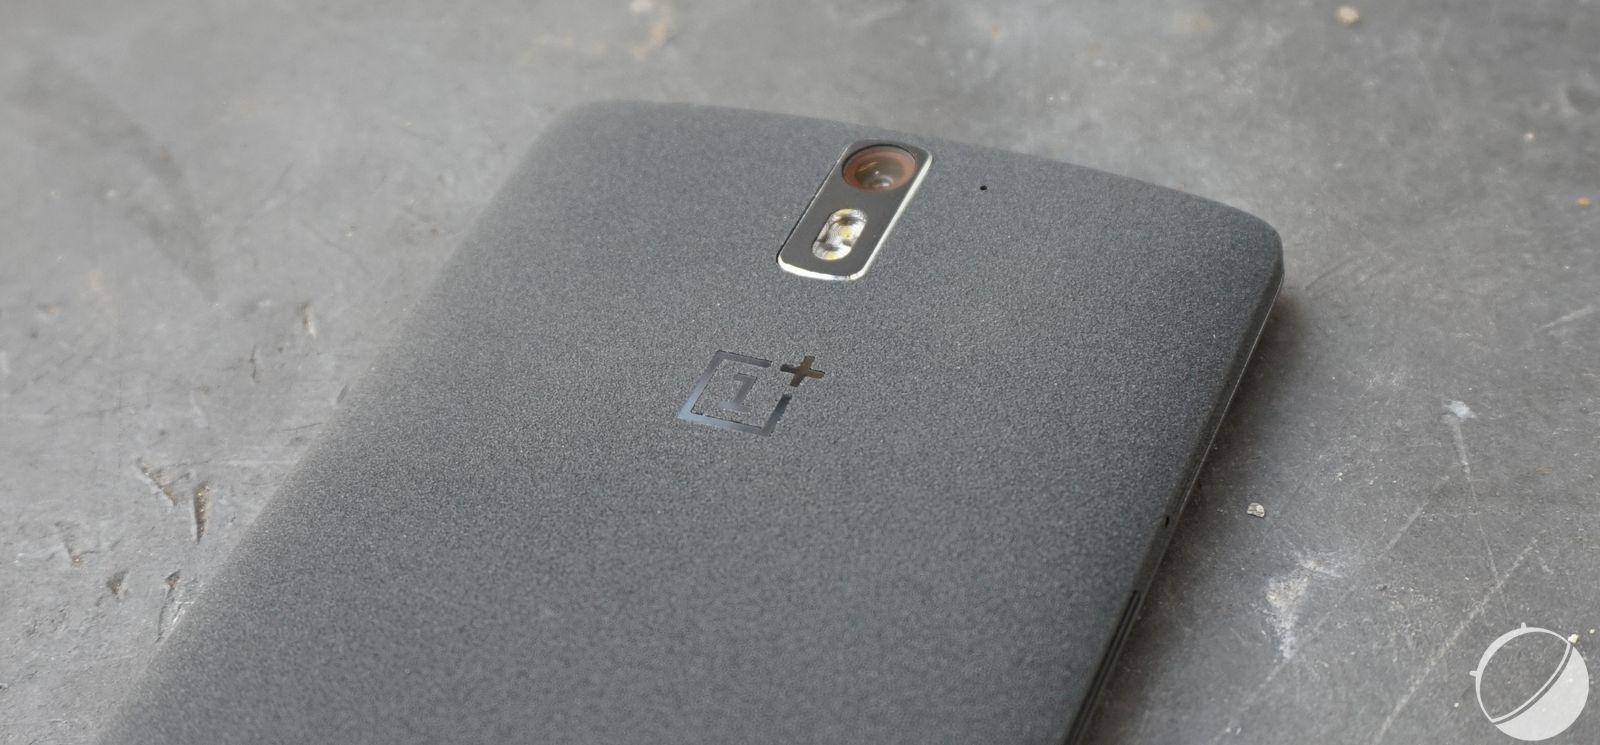 Le OnePlus3 sera commercialisé d'ici la fin du mois de juin «avec un nouveau design»